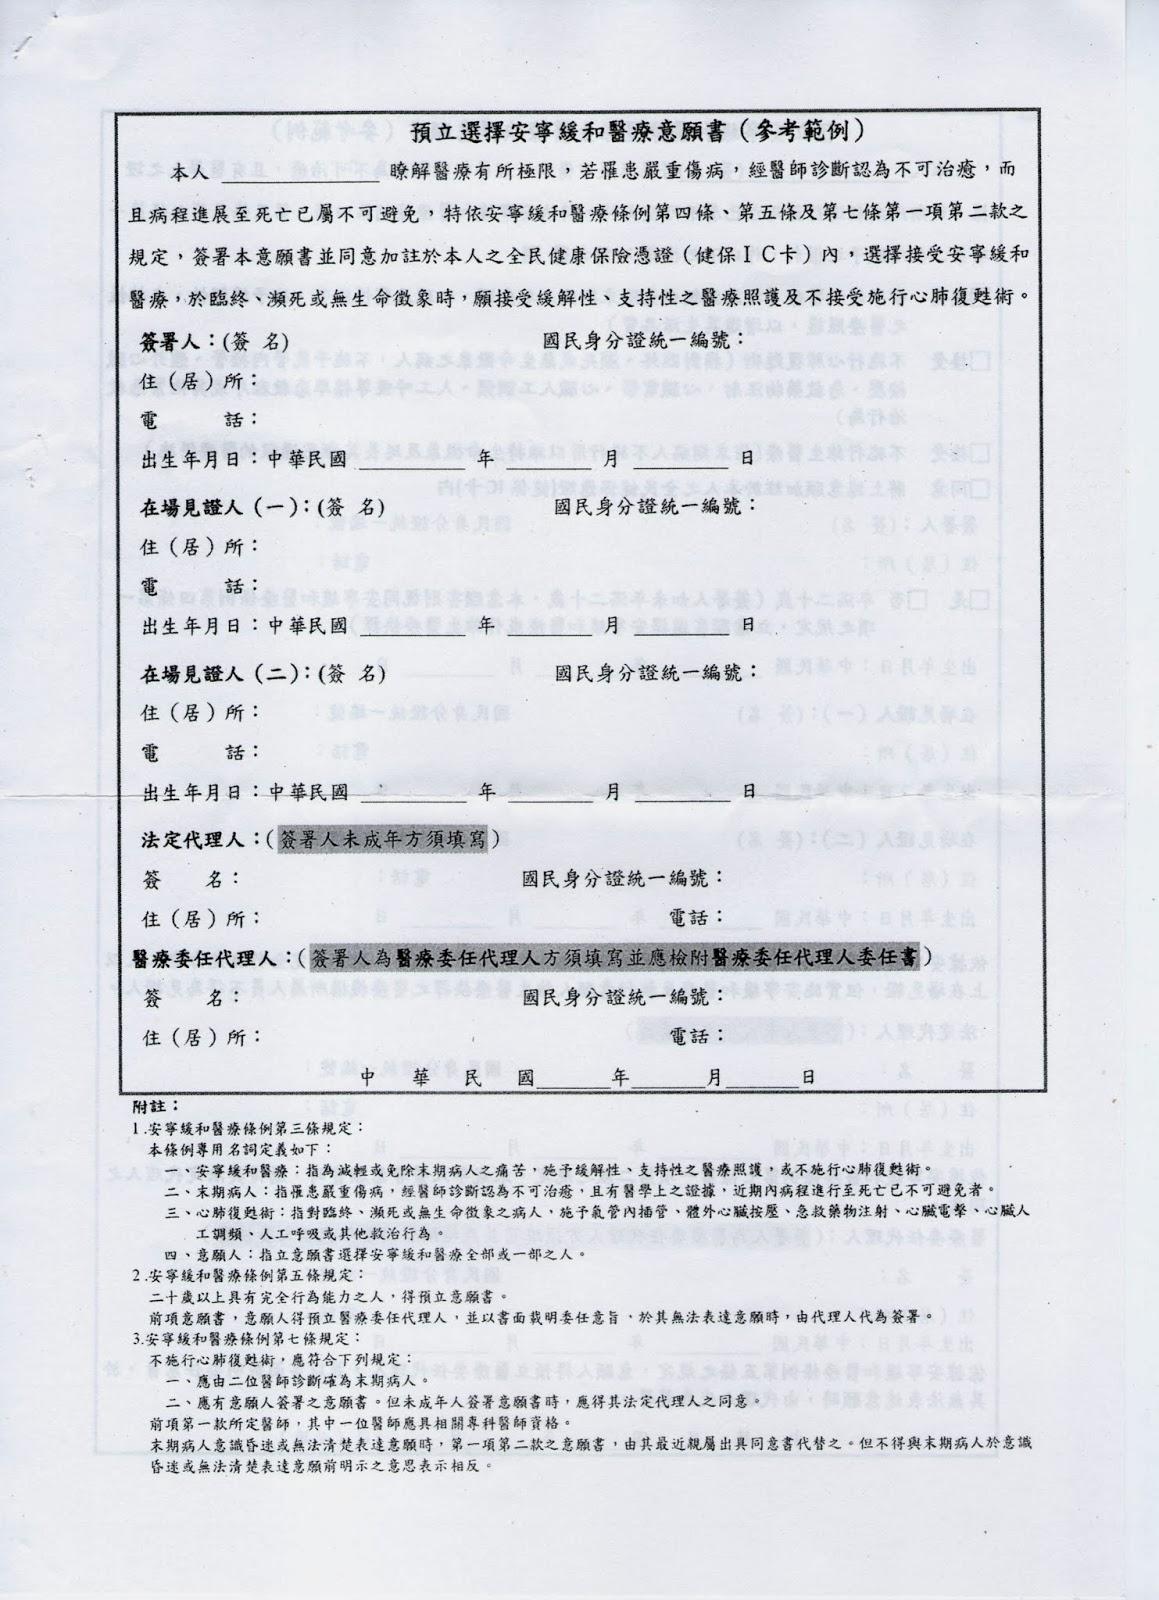 陳榮基部落格 RONG-CHI CHEN BLOG學醫與學佛: DNR意願健保卡註記的困擾。亟待解決。